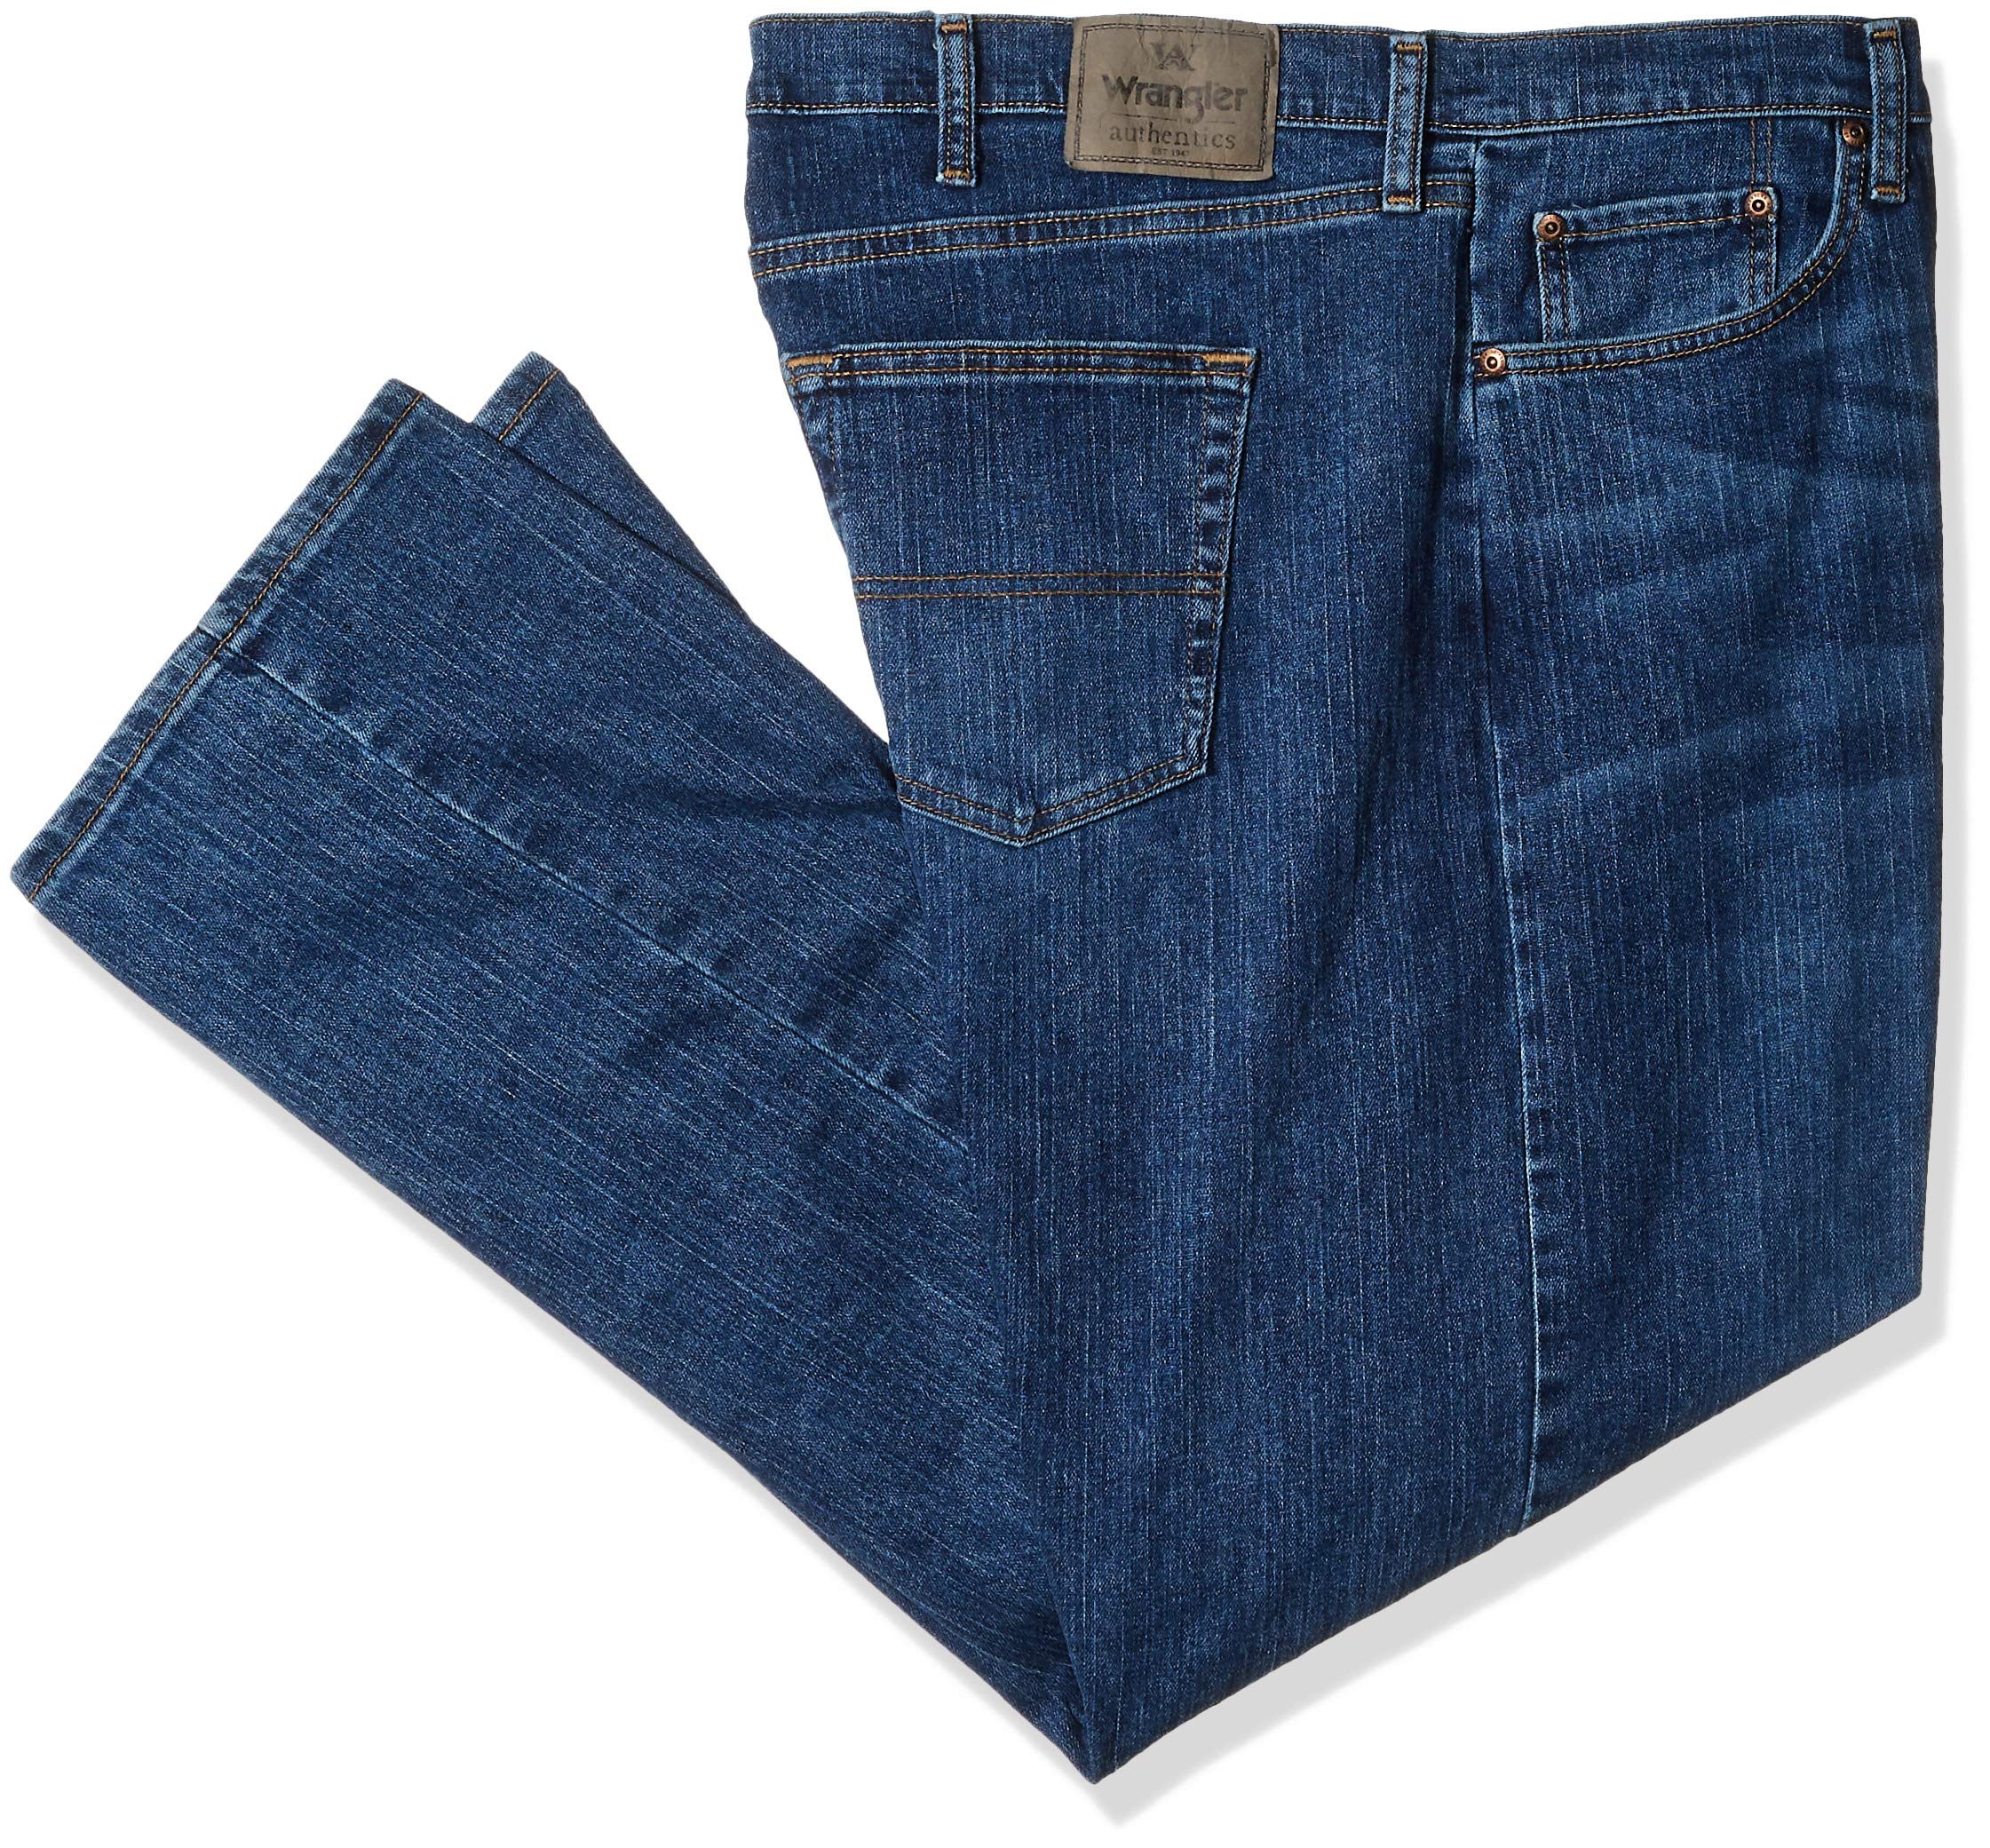 d40bacf6 Wrangler Authentics Men's Big and Tall Classic 5-Pocket Regular Fit Jean,